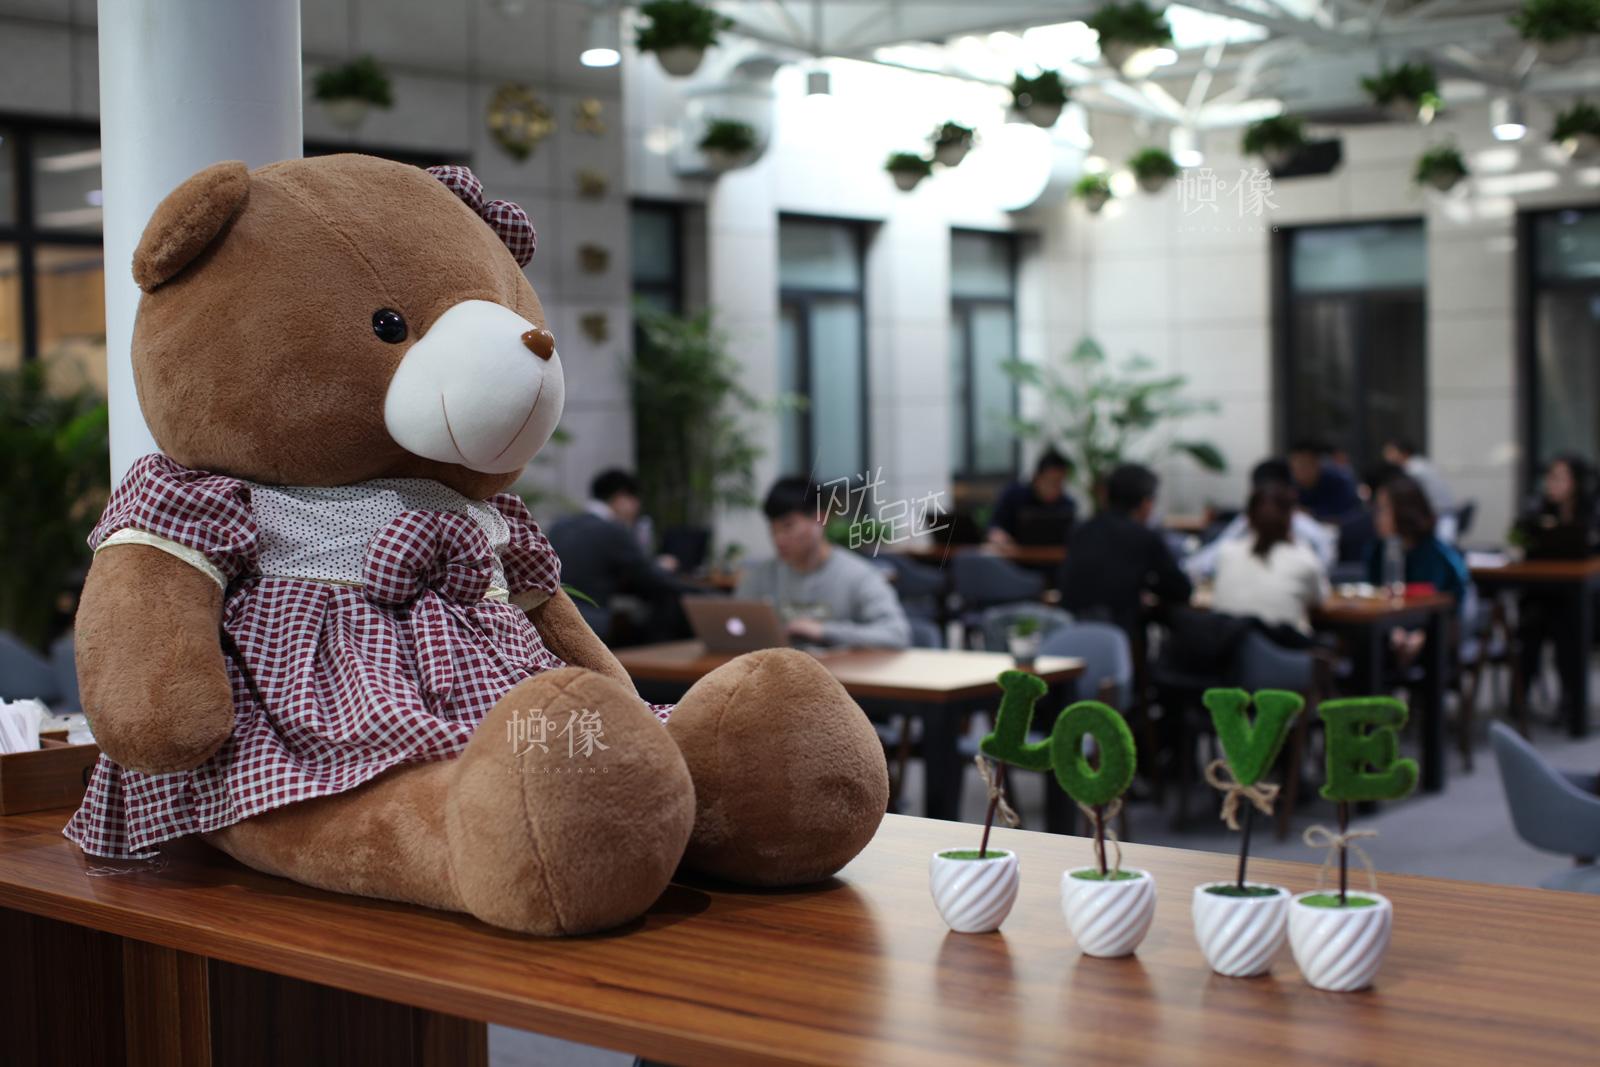 借贷宝公司内部的咖啡厅是公司一大特色,员工可以来这里讨论工作,也可以单纯的只是来喝杯咖啡小憩一下。咖啡厅管理者为了营造温馨的气氛,在桌上摆上了动物熊的玩偶。中国网记者-赵超-摄